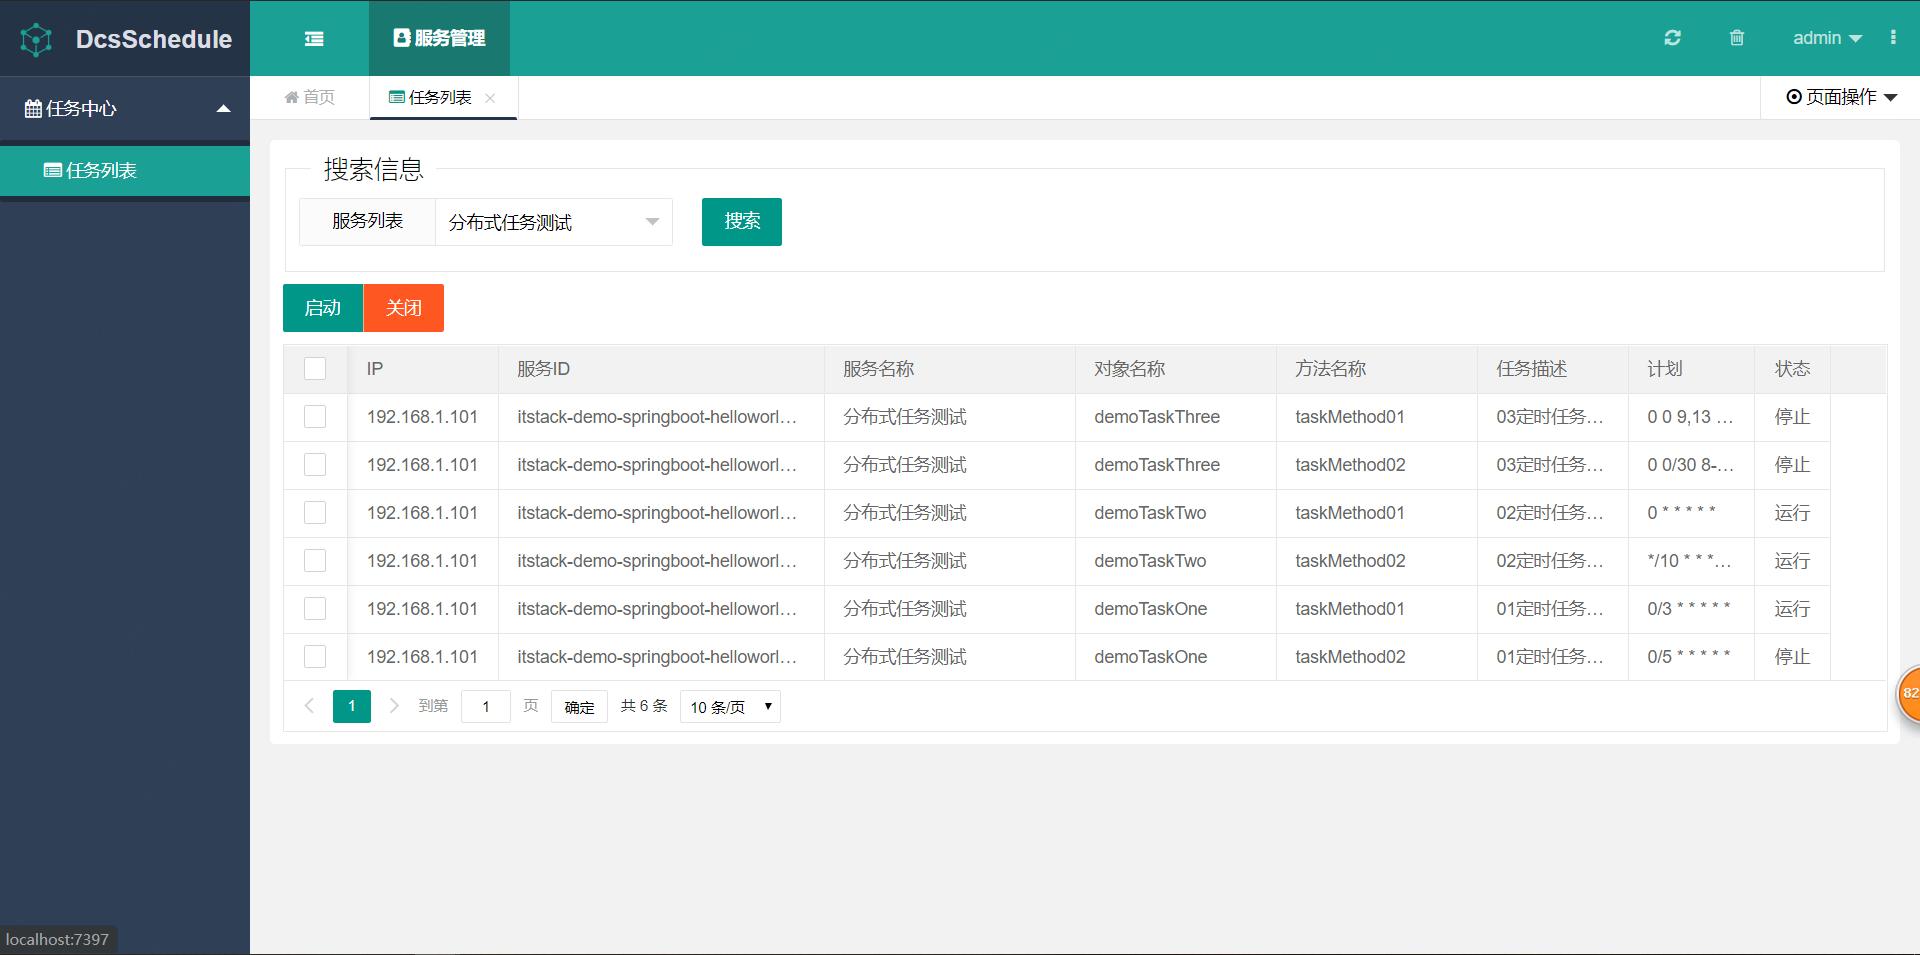 微信公众号:bugstack虫洞栈 & 任务列表